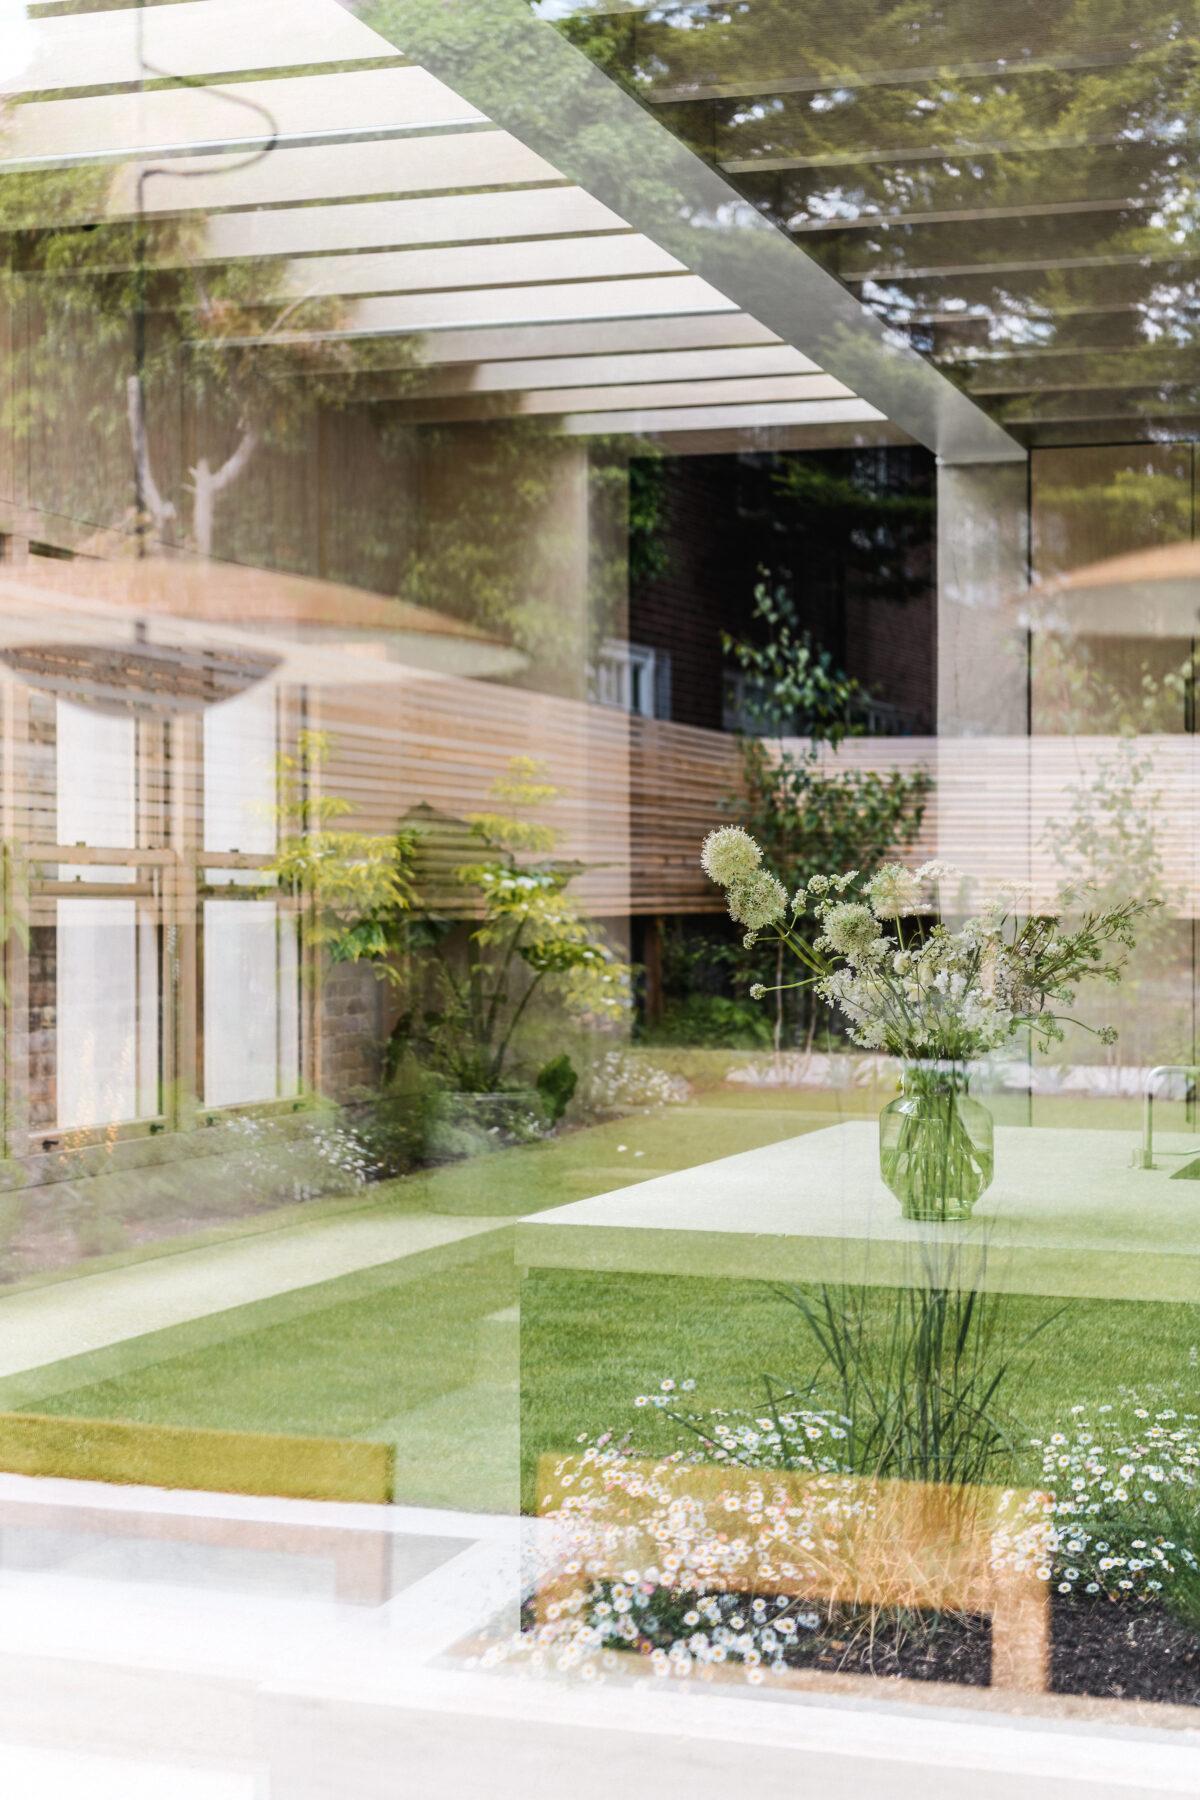 Concrete-Plinth-House_21-1200x1800.jpg